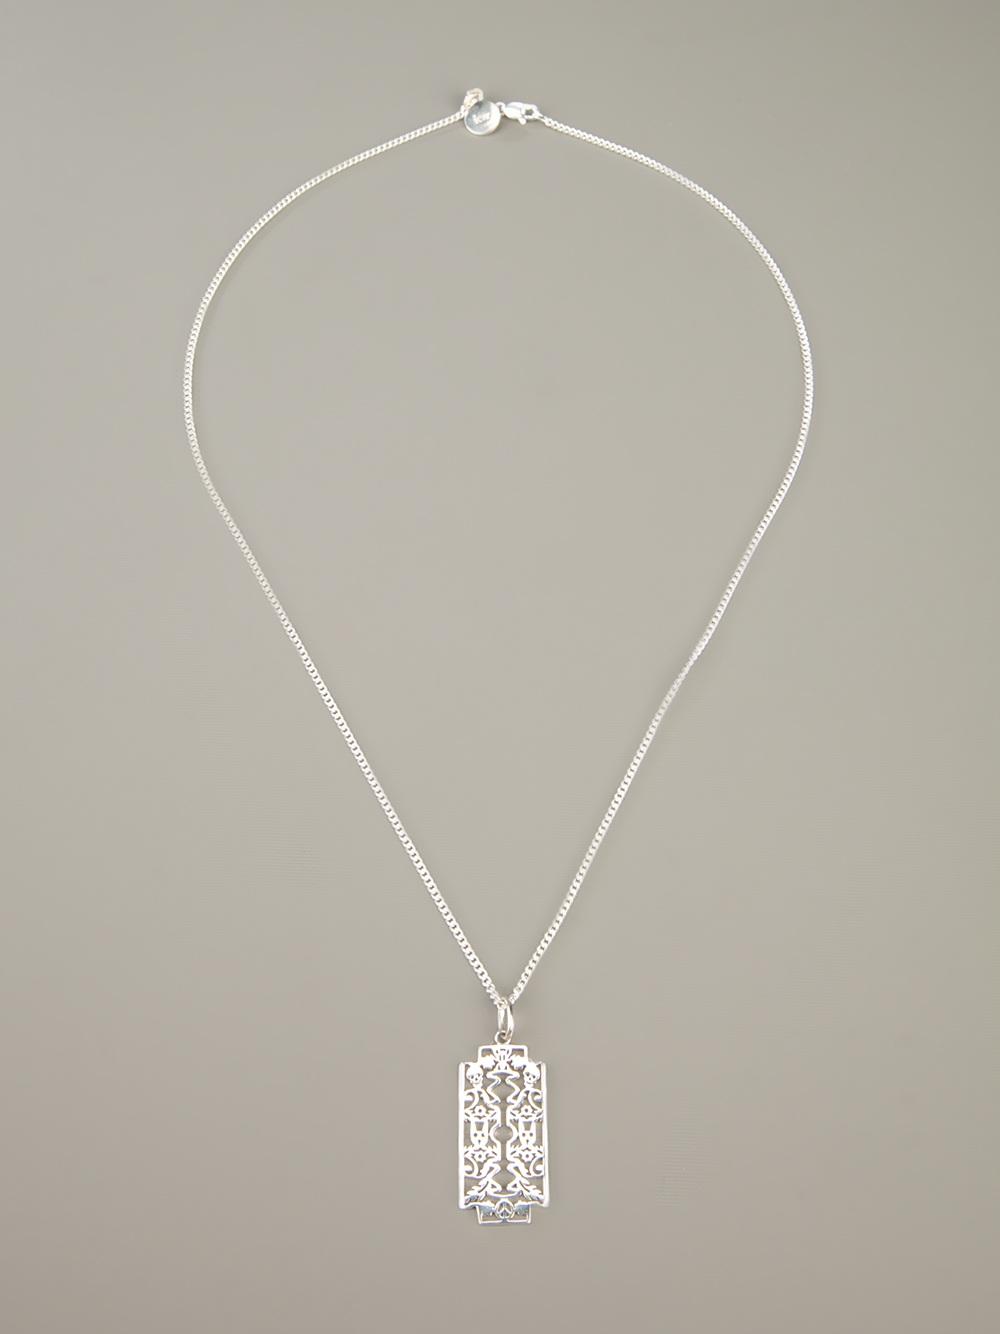 95537c831d7 Lyst - Karen Walker Razor Pendant in Metallic